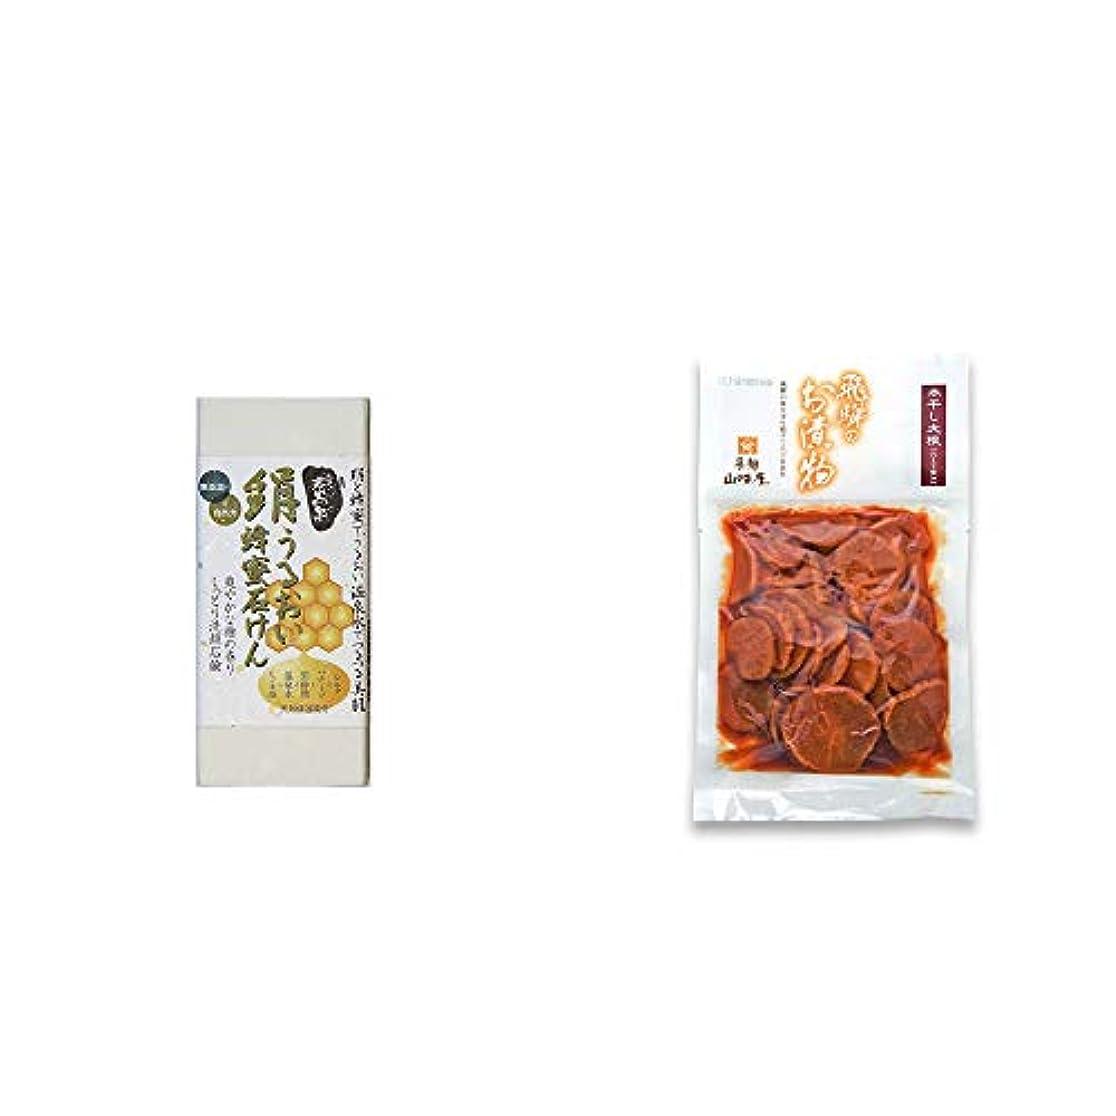 トランクフラフープ約束する[2点セット] ひのき炭黒泉 絹うるおい蜂蜜石けん(75g×2)?飛騨山味屋 本干し大根(135g)